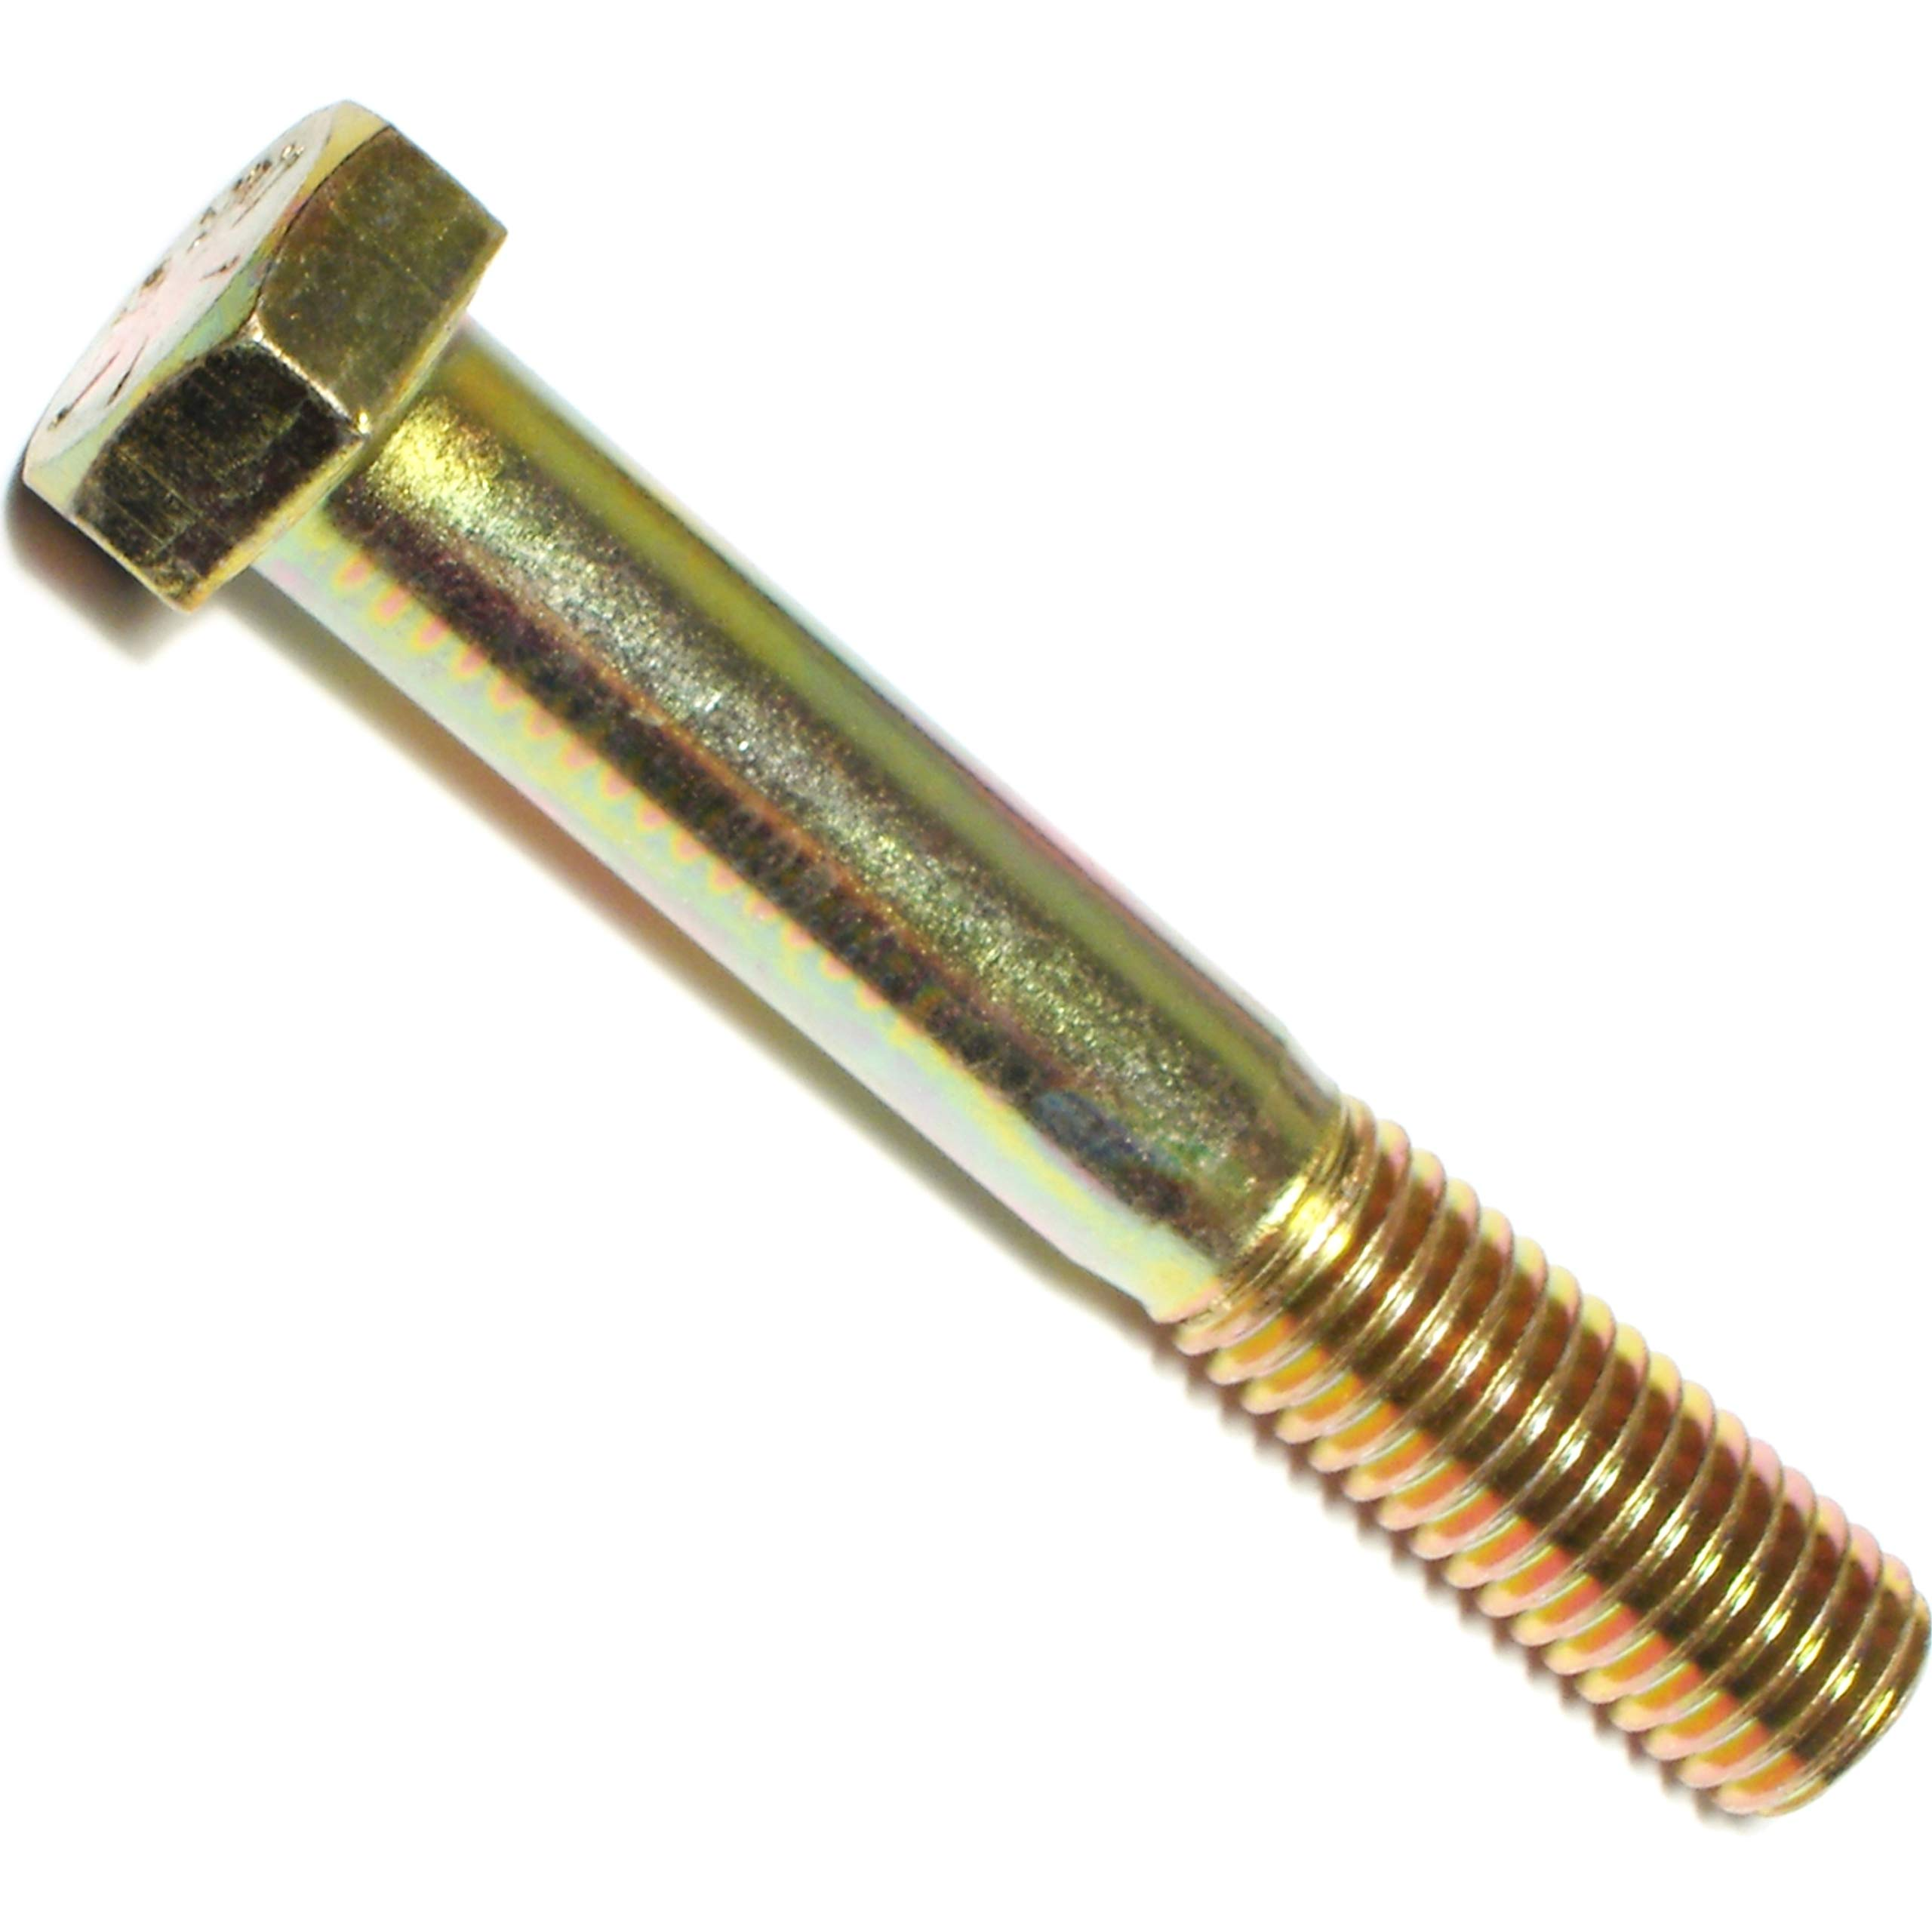 Hard-to-Find Fastener 014973254629 Grade 8 Coarse Hex Cap Screws, 5/8-11 x 4, Piece-10 by Hard-to-Find Fastener